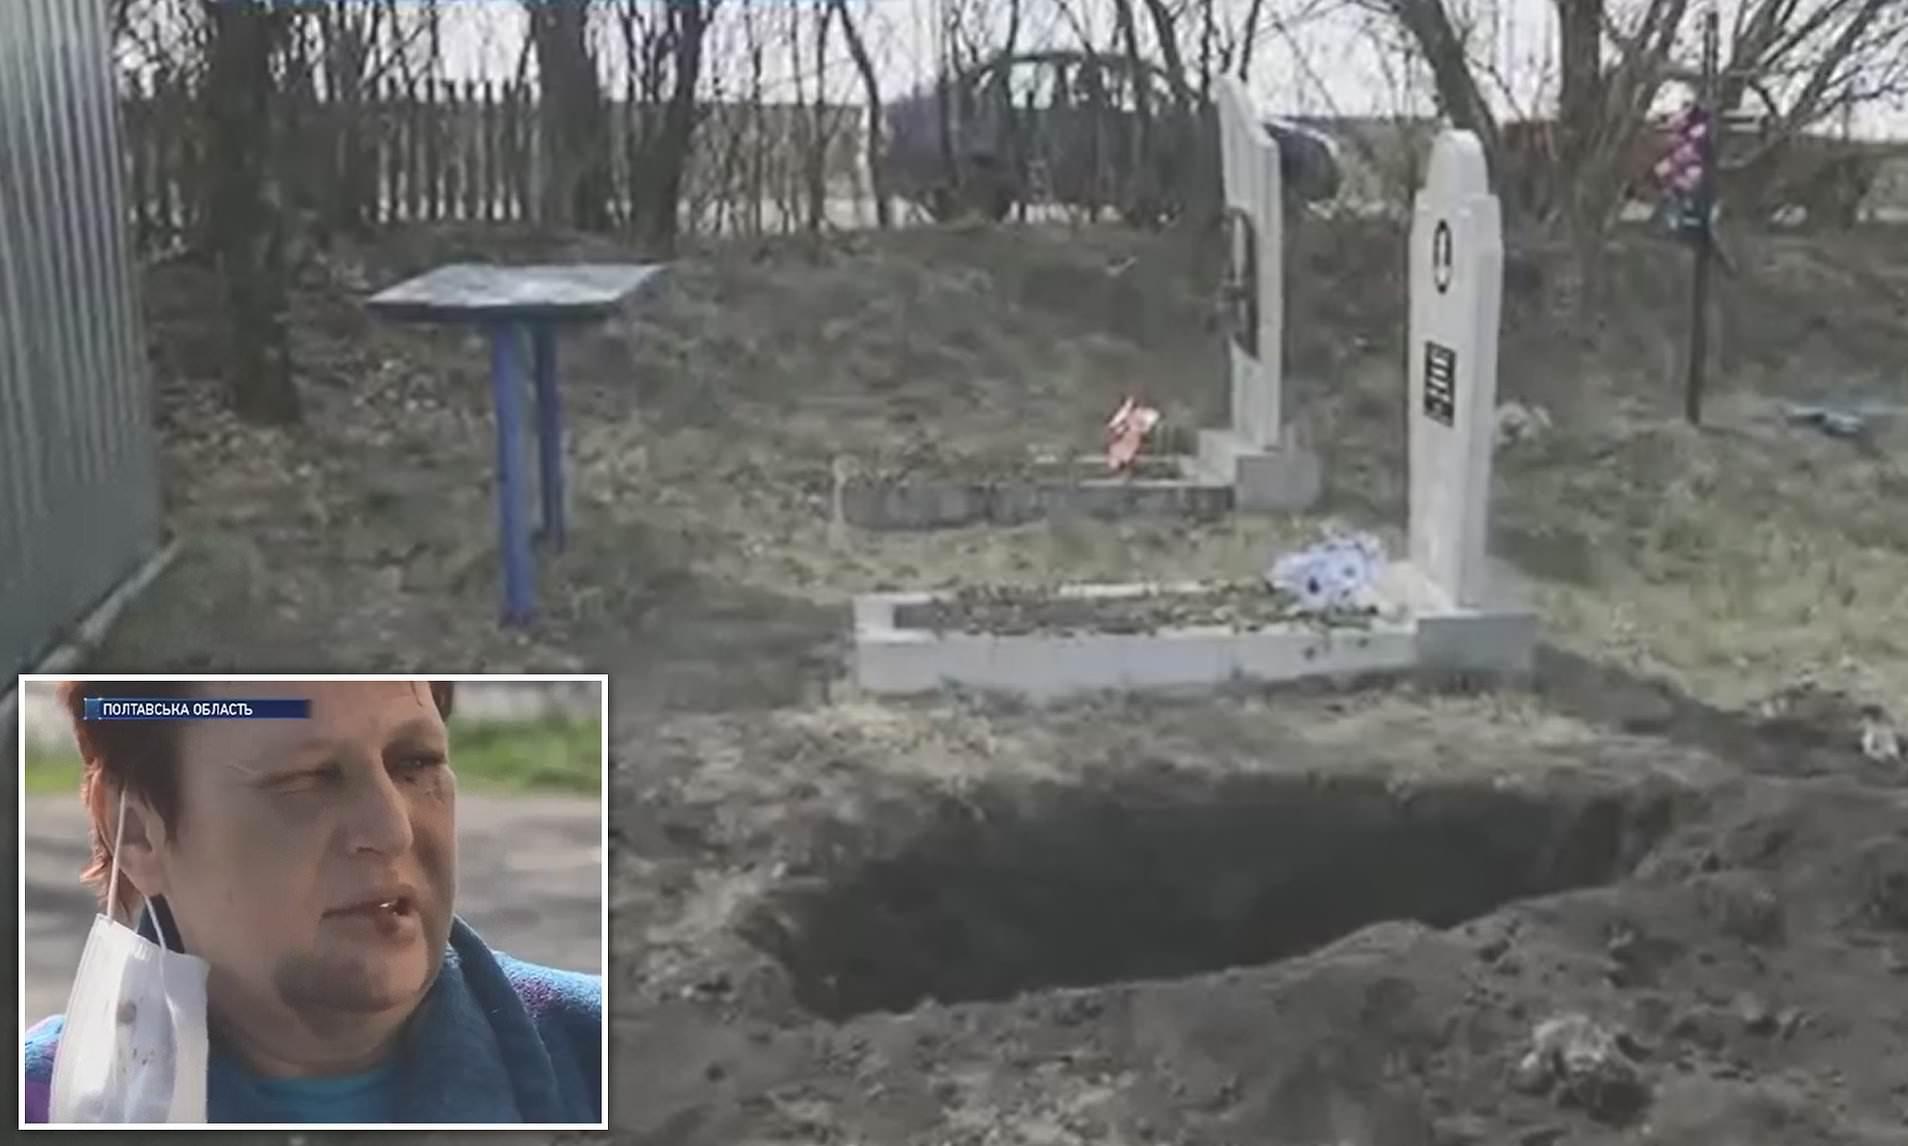 U rrah dhe u varros nga fqinjët, gruaja gërmon dheun dhe del e gjallë